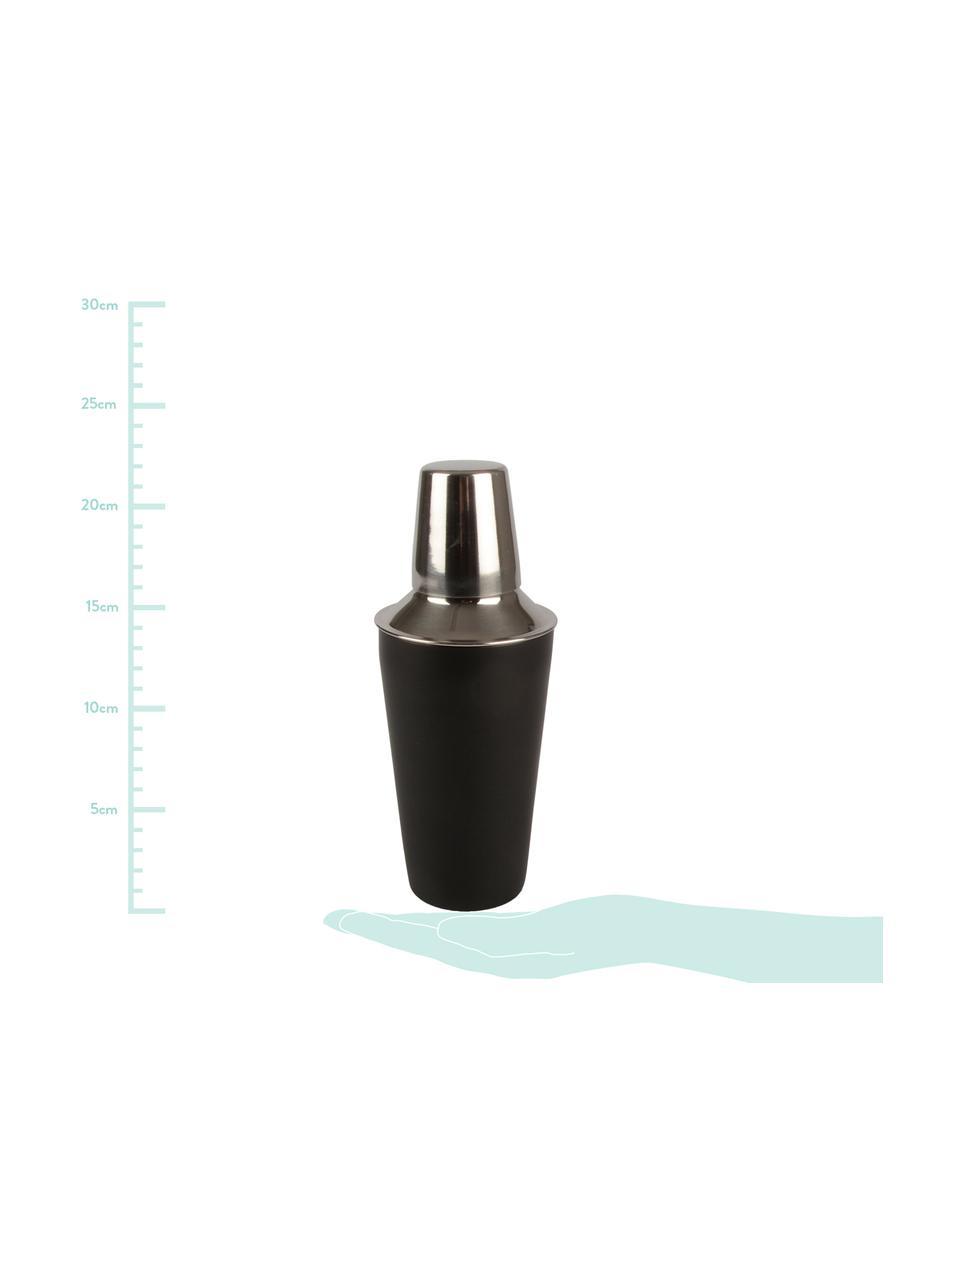 Cocktail-Shaker Stambi in Schwarz/Silber, Rostfreier Stahl, beschichtet, Schwarz, Stahl, Ø 8 x H 22 cm